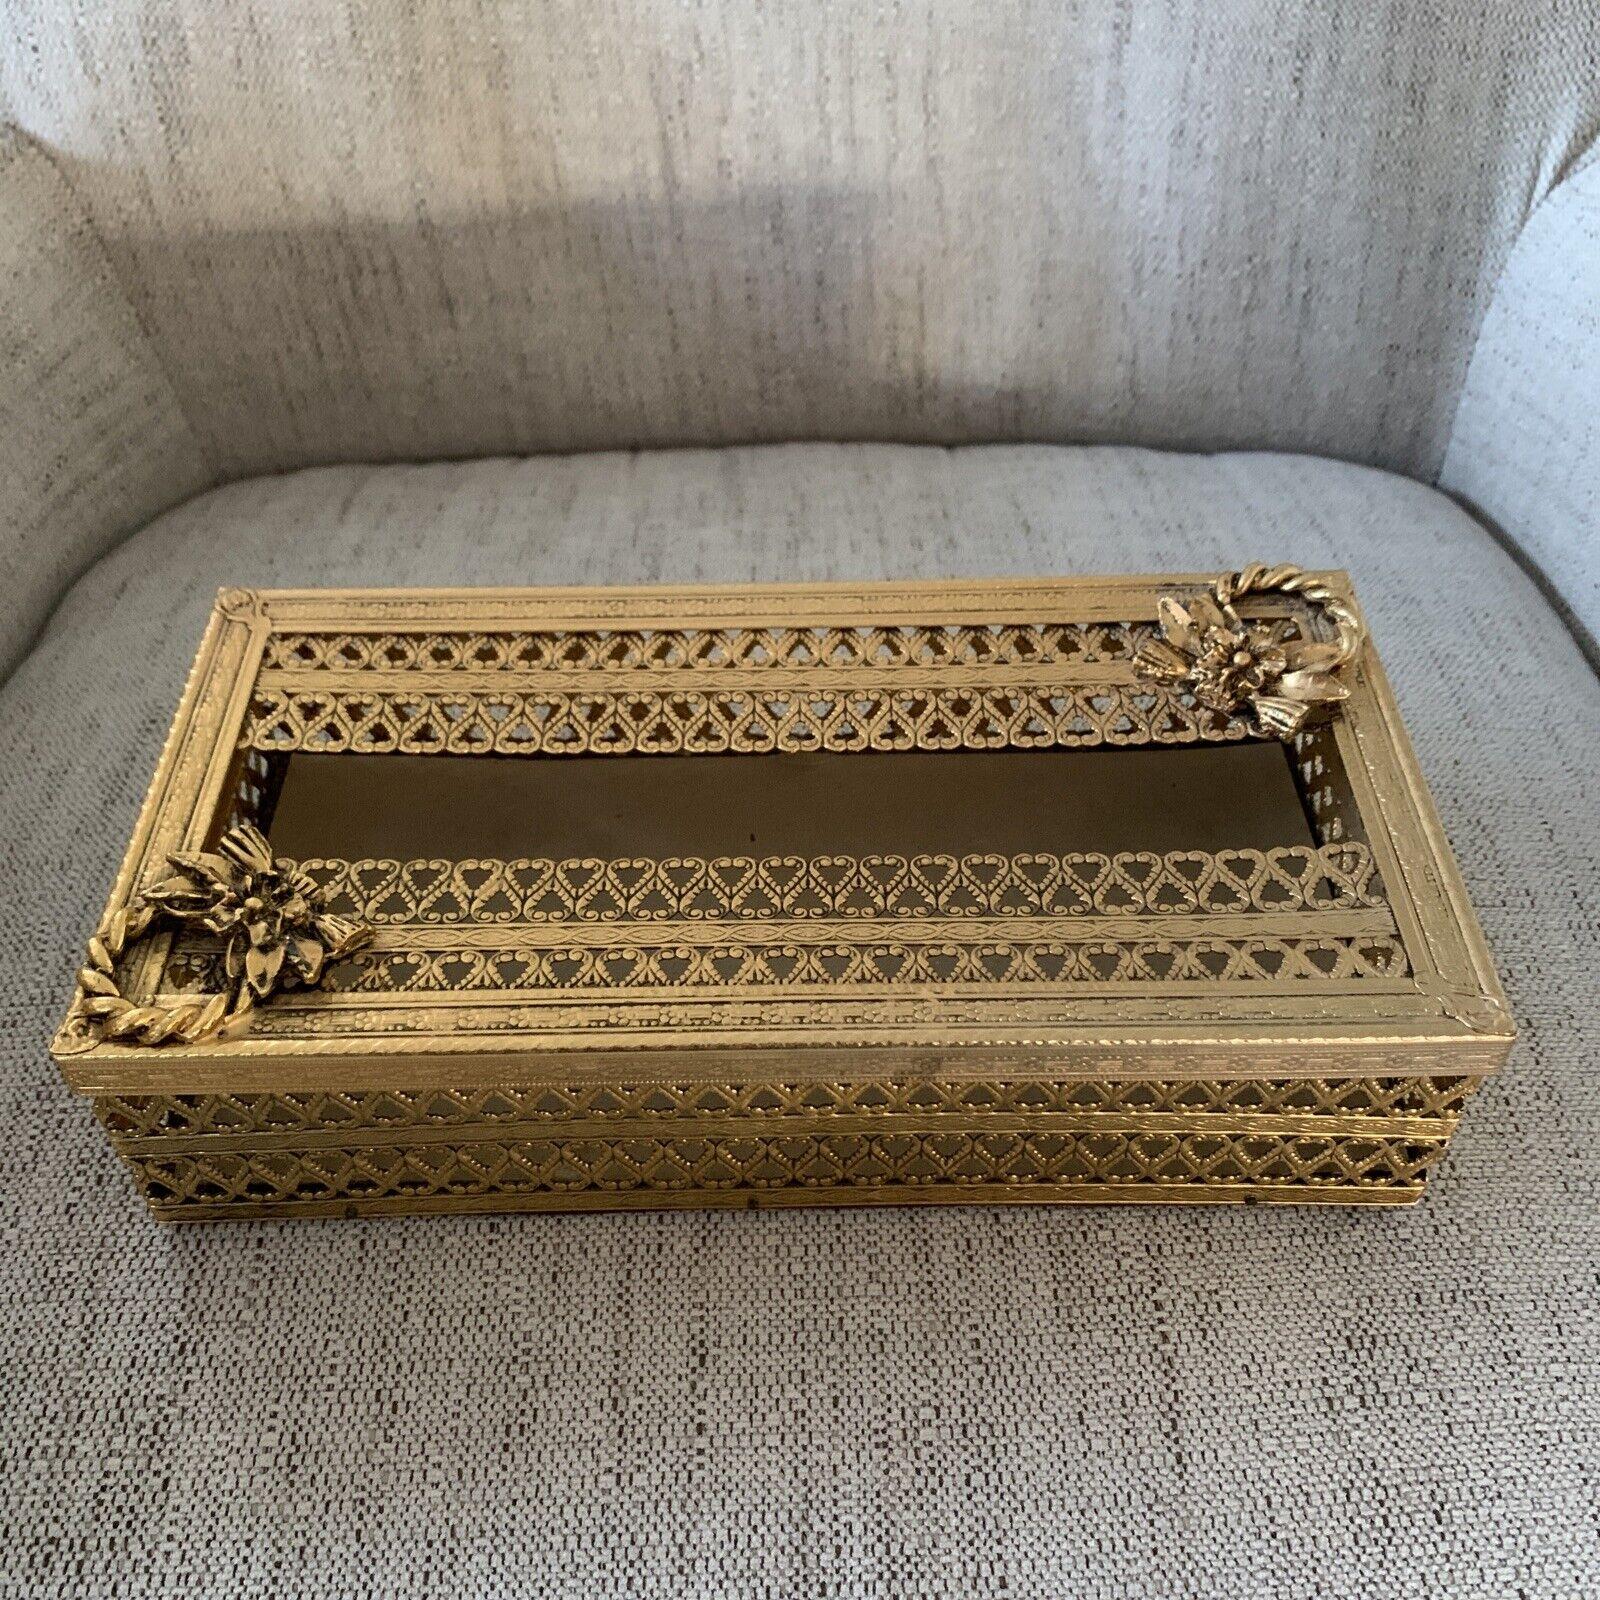 Vintage Flower Rope Brass Filigree Rectangular Tissue Box Cover Holder